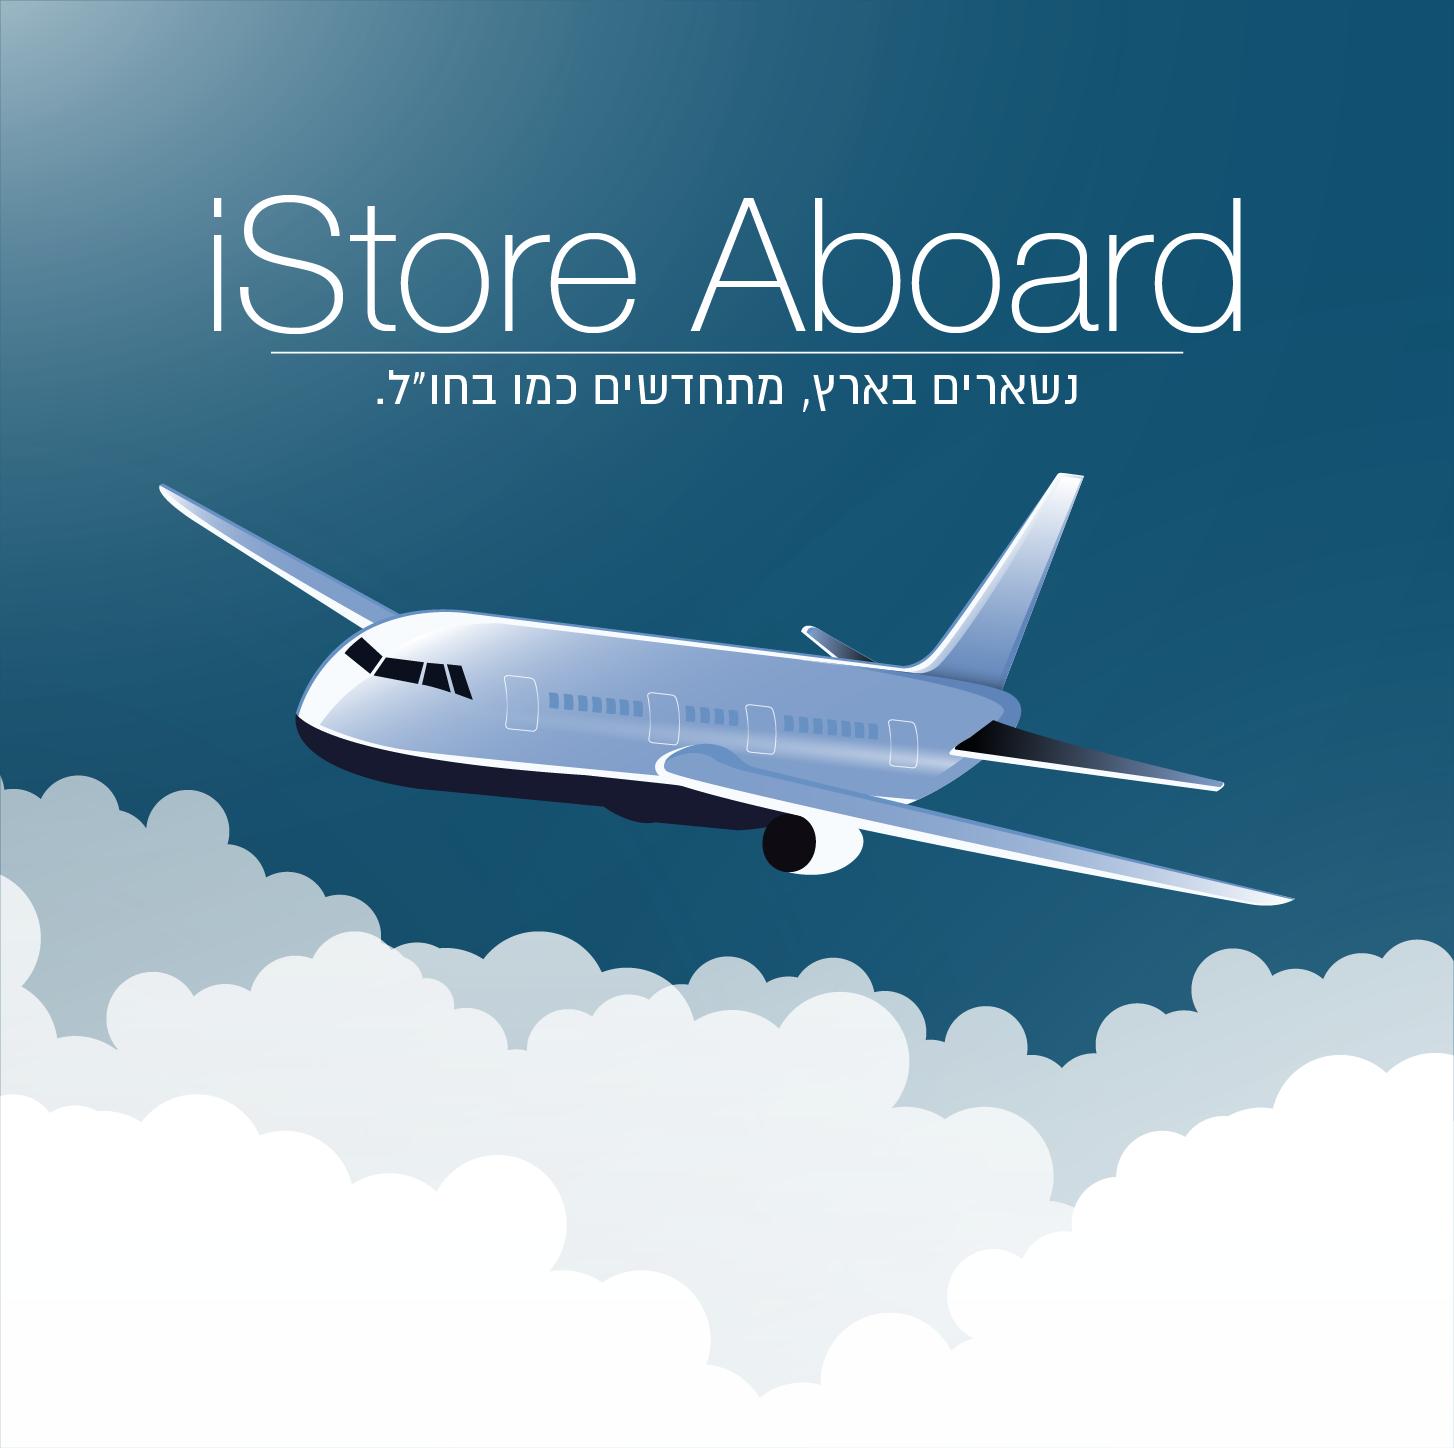 iStore Aboard